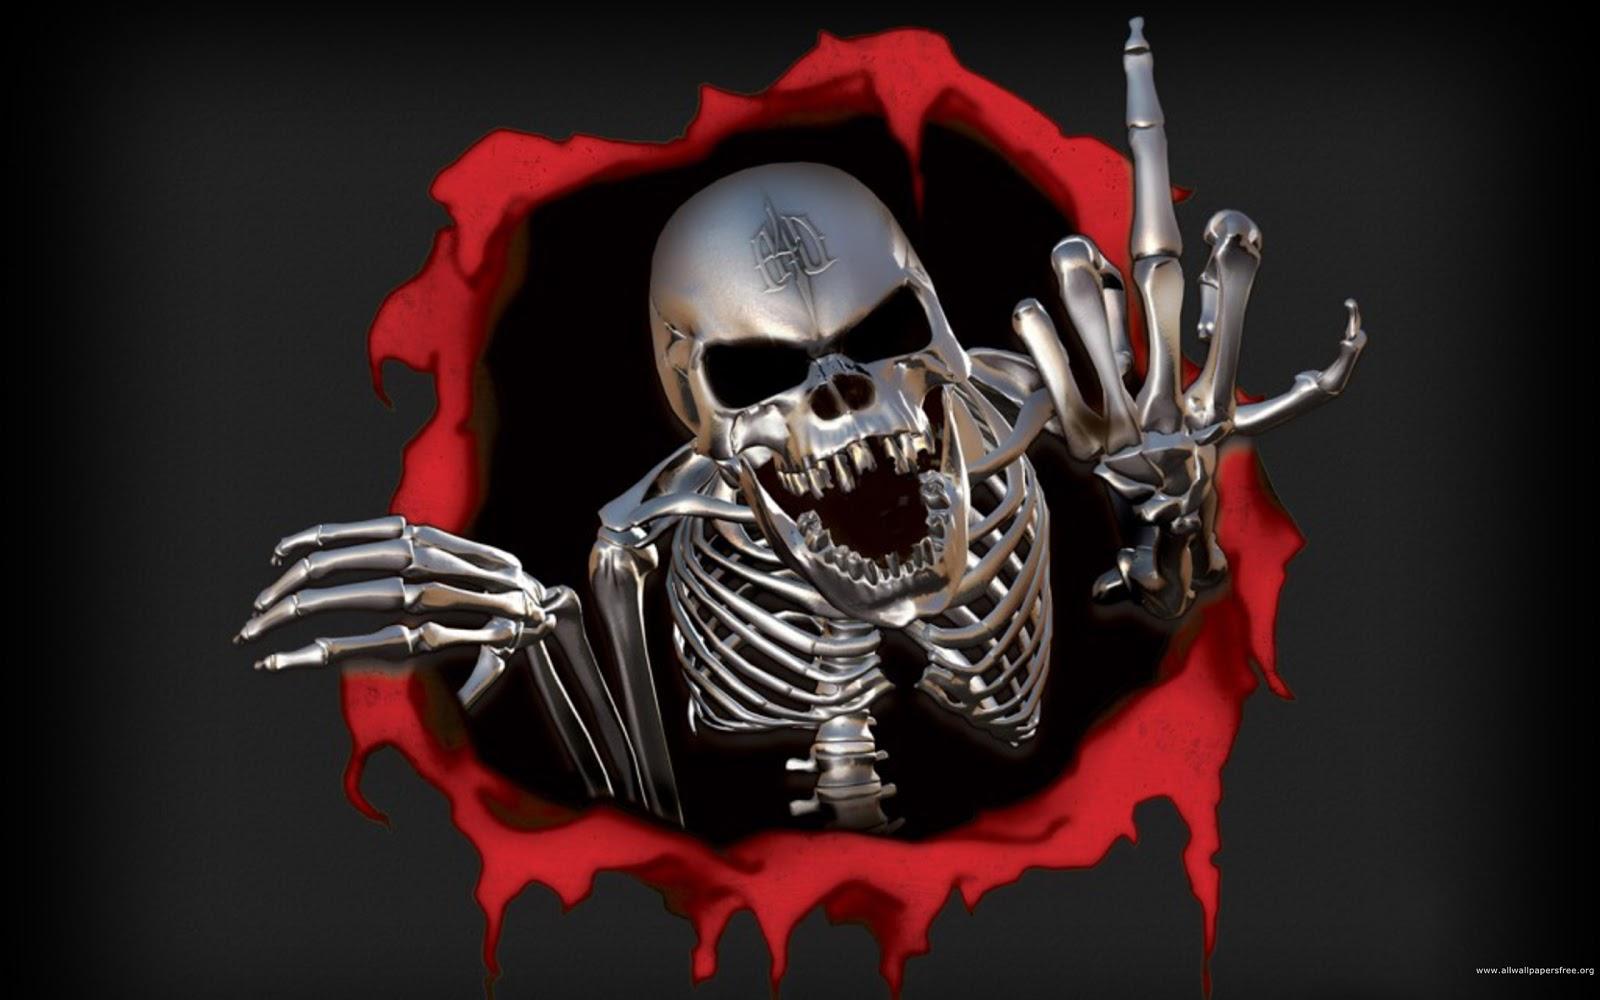 Fantastic Wallpaper Halloween Skull - halloween_wallpapers_wallrack  Pictures_206632.jpg